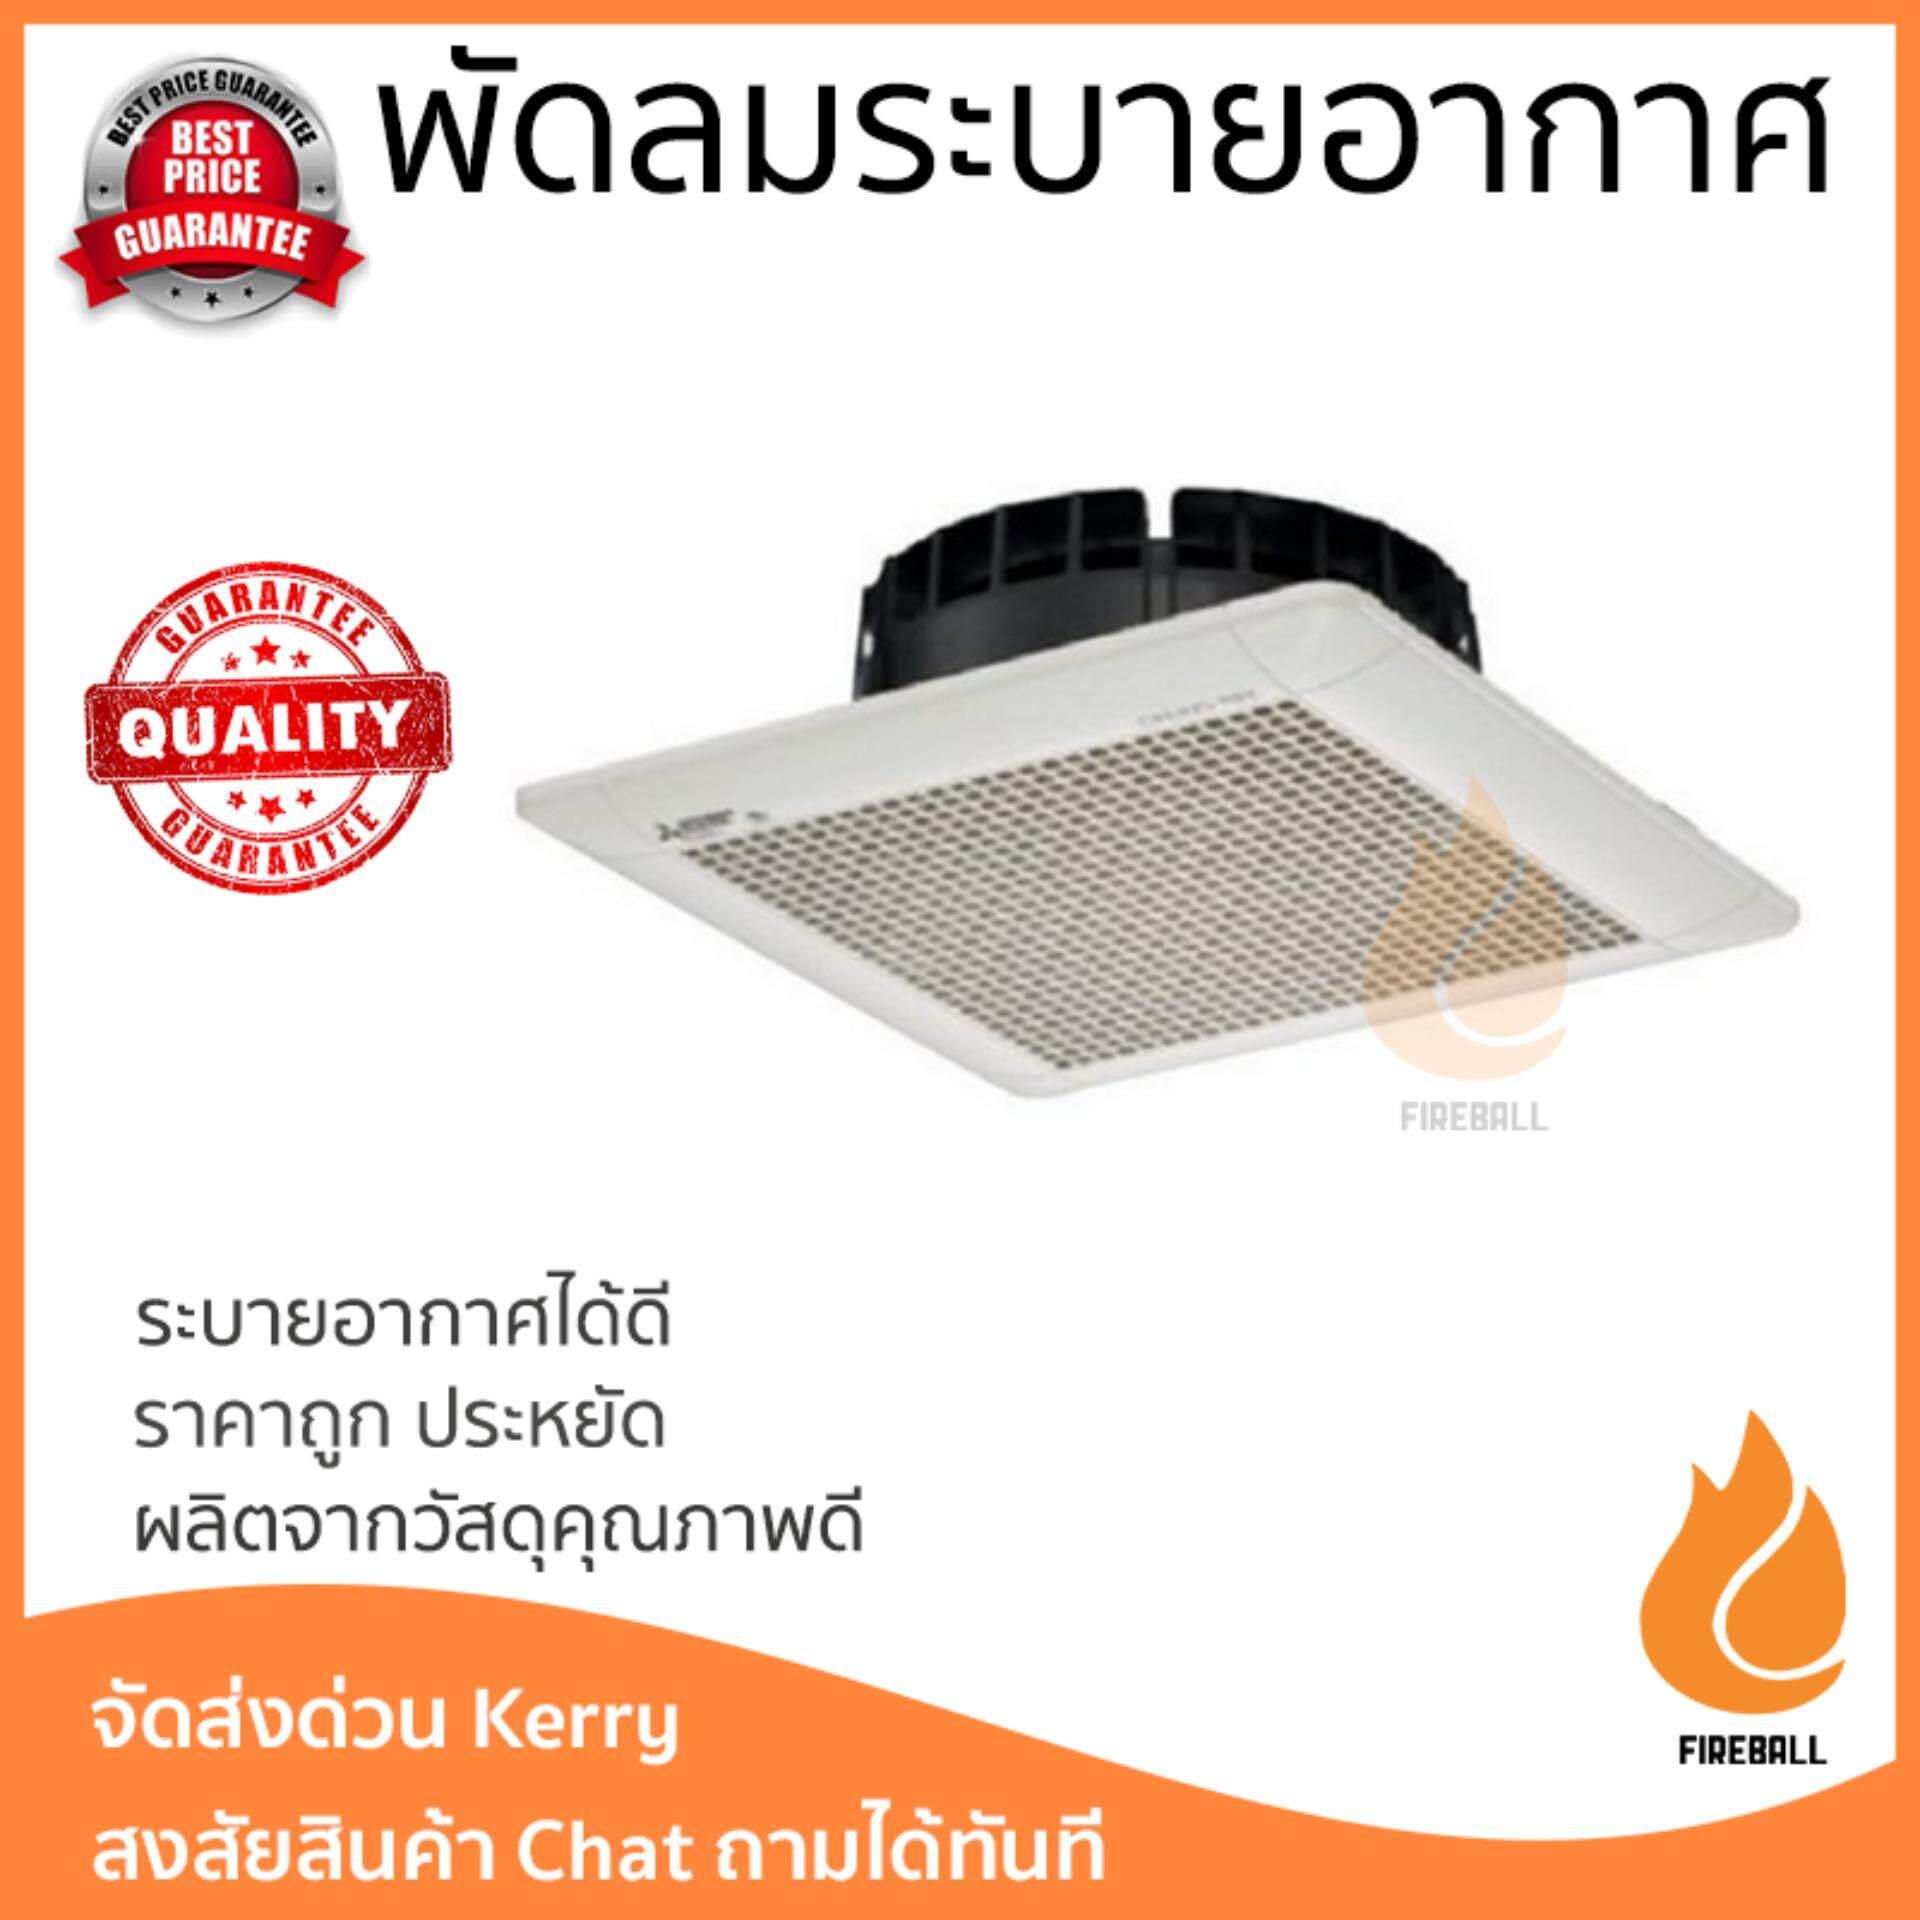 สุดยอดสินค้า!! โปรโมชัน พัดลมระบายอากาศ พัดลมดูดอากาศ  พัดลม ระบายอากาศ ติดเพดาน 6